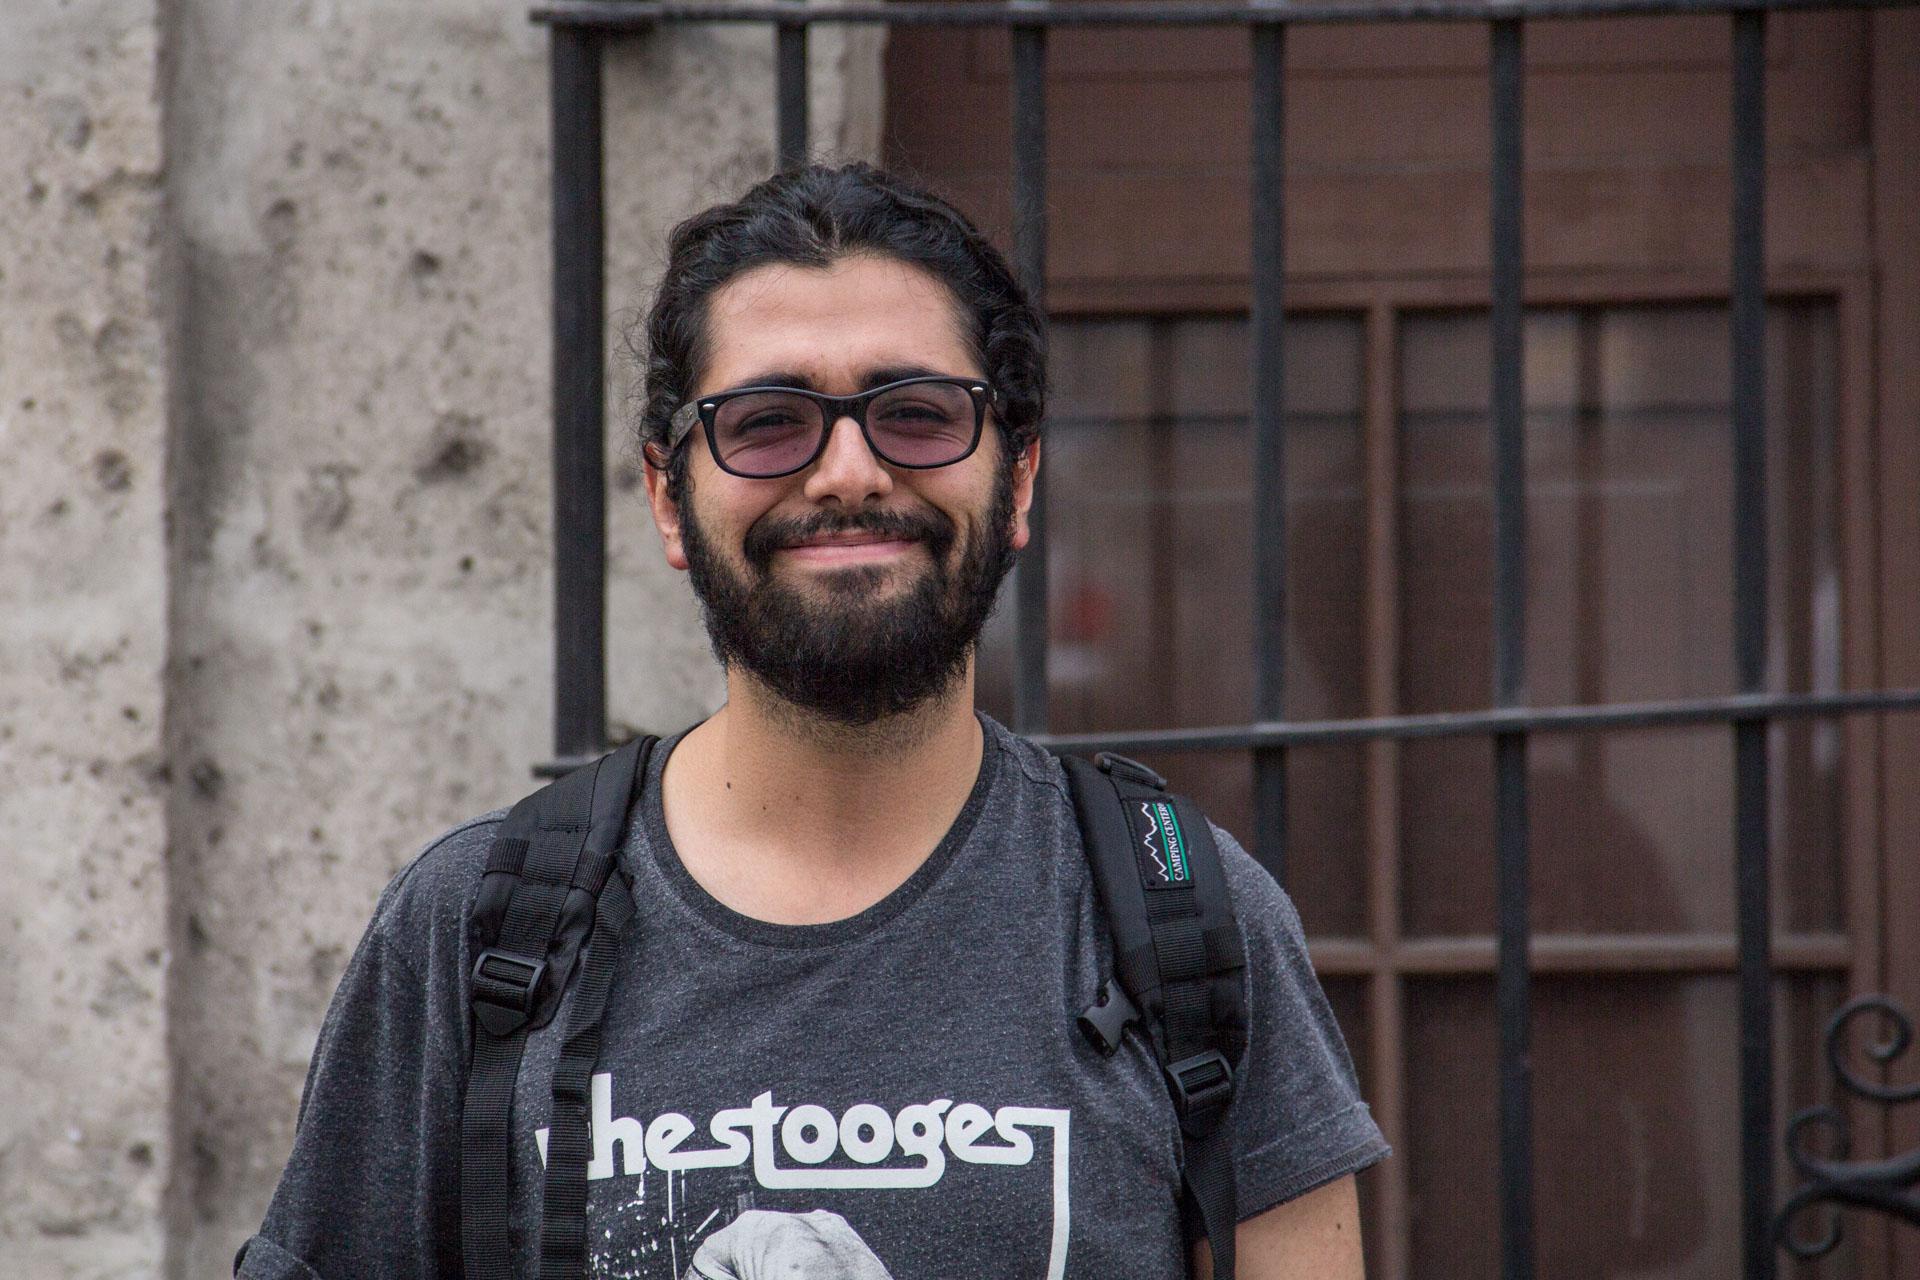 Stefano Corzo Vargas